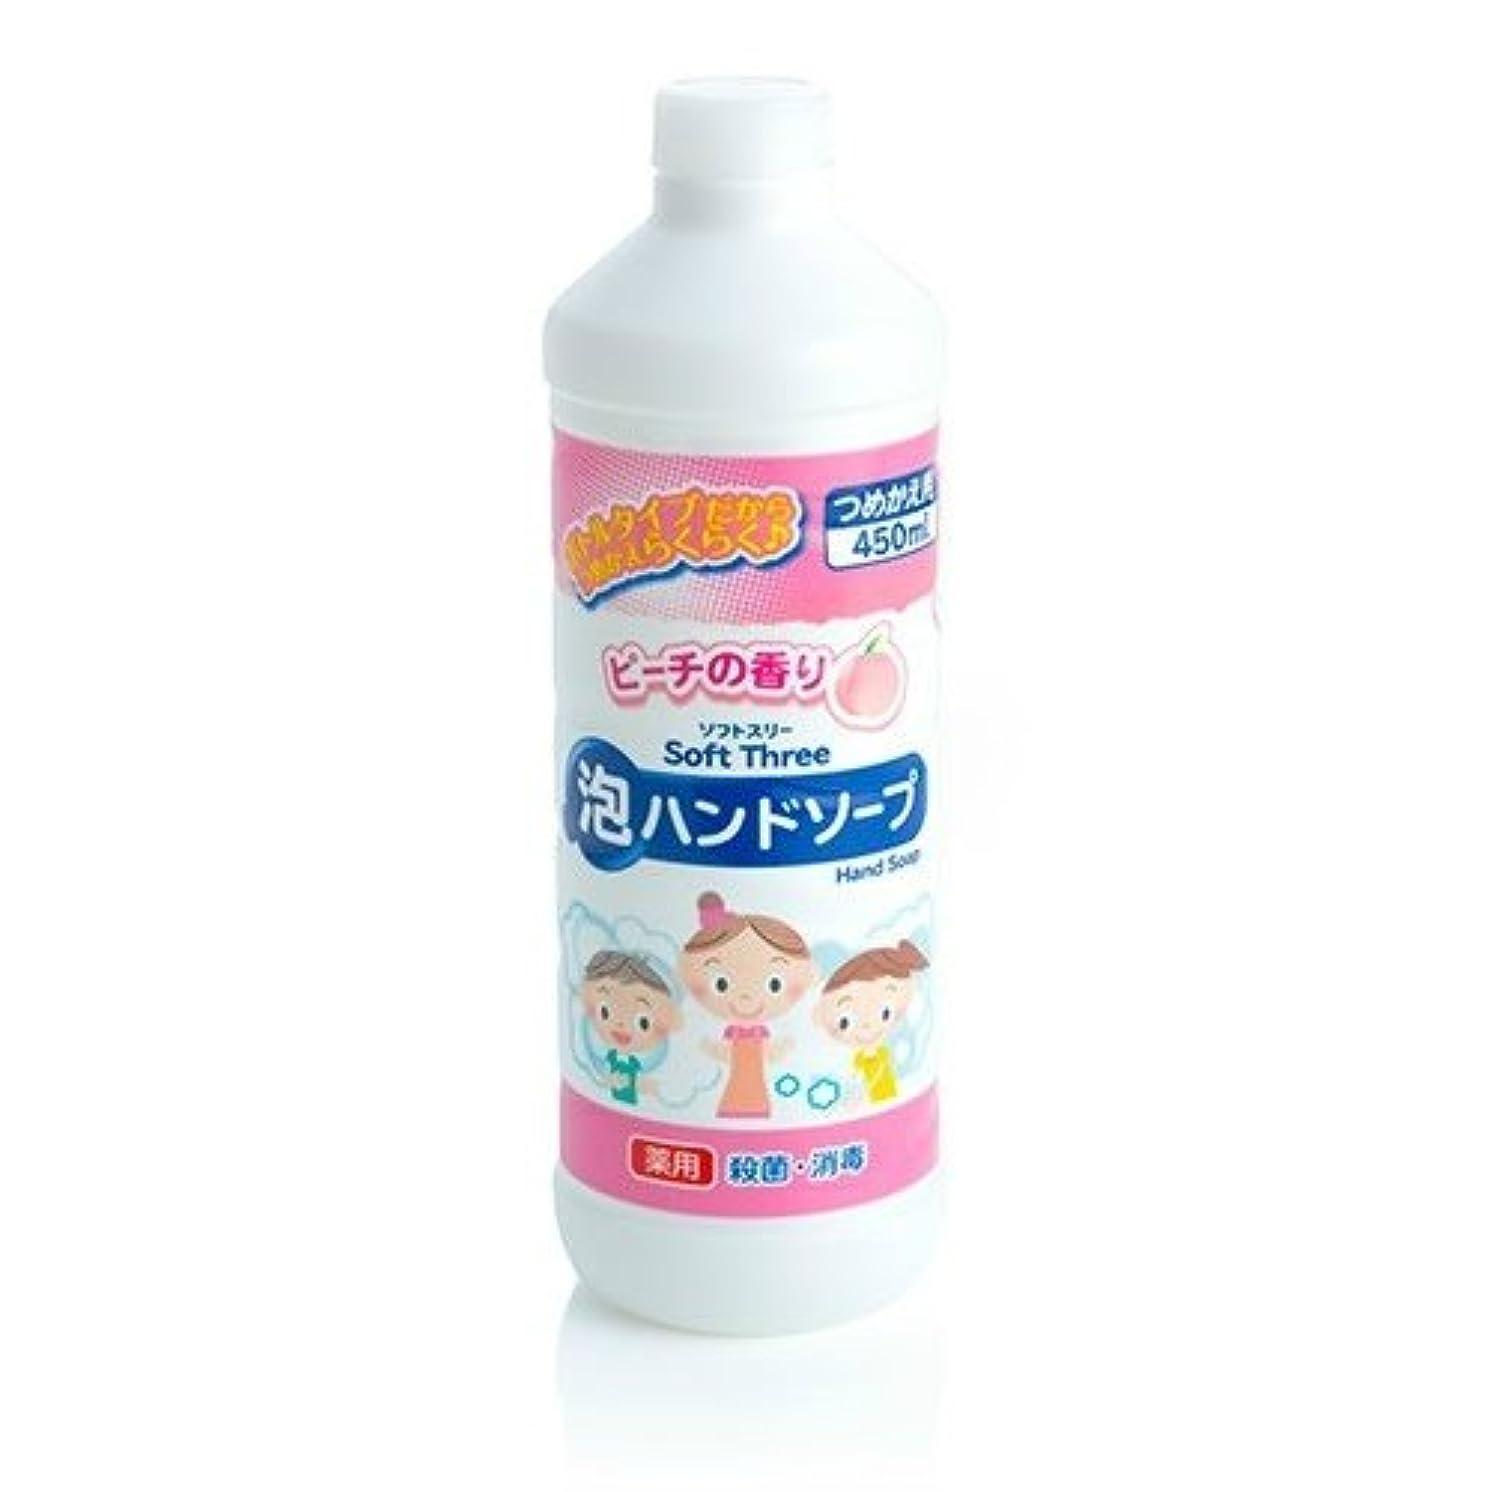 キャップエンディング妊娠したミツエイ ソフトスリー 薬用 ハンドソープ 詰替 ボトル 450ml